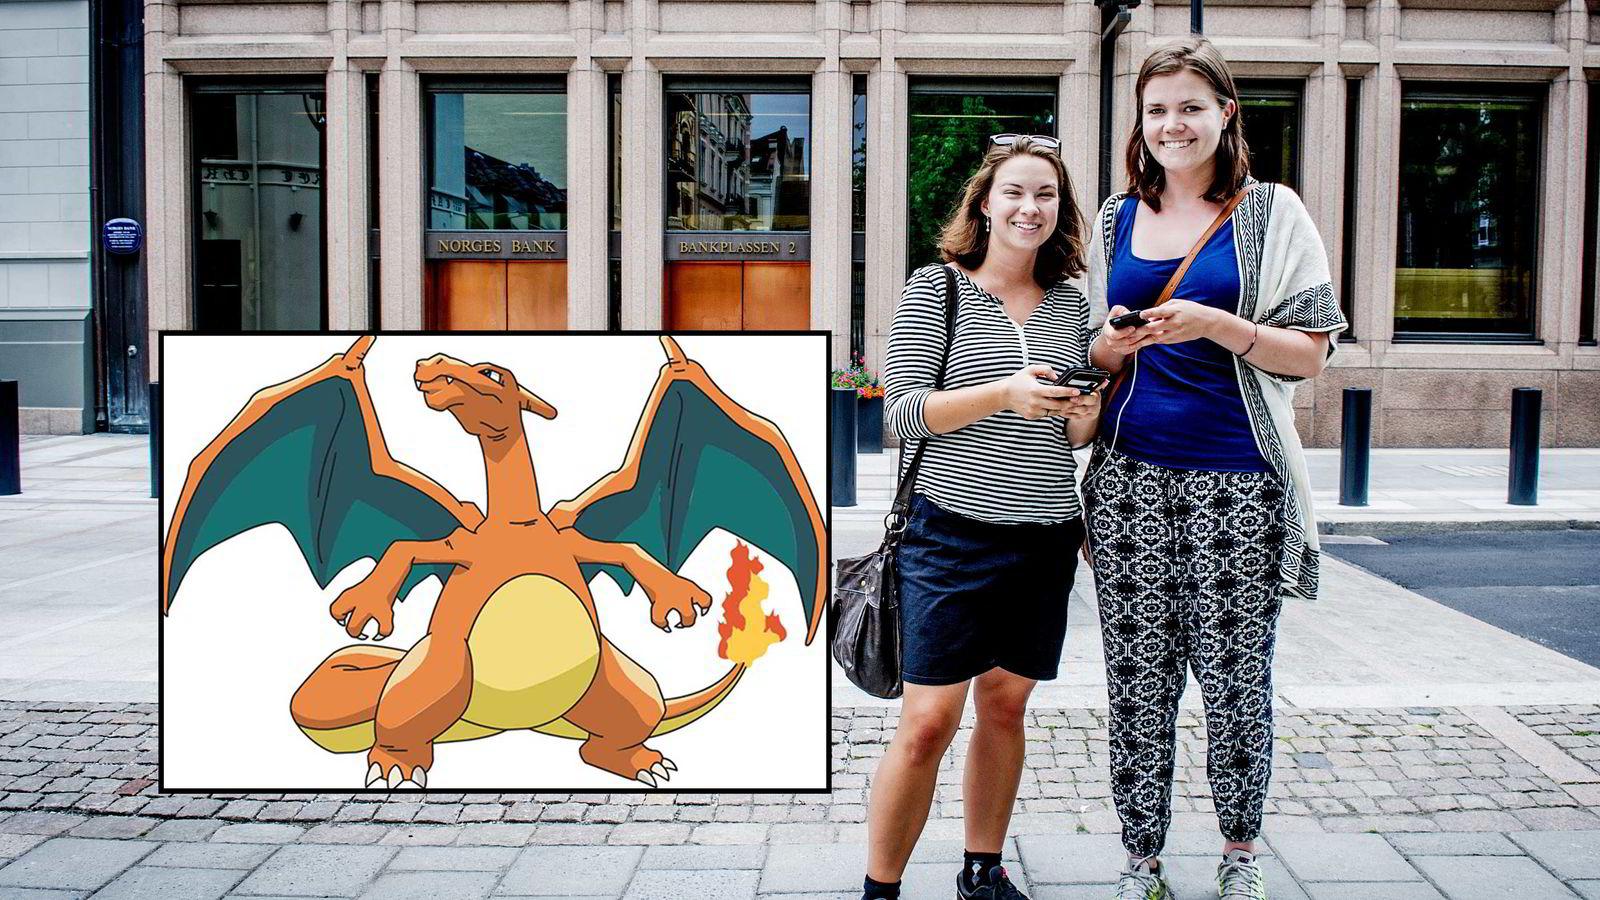 Fra venstre: Hilde Lande (24) og Sunniva Strand (23) spiller Pokemon Go på Bankplassen foran Norges Bank. Foto: Gorm K. Gaare